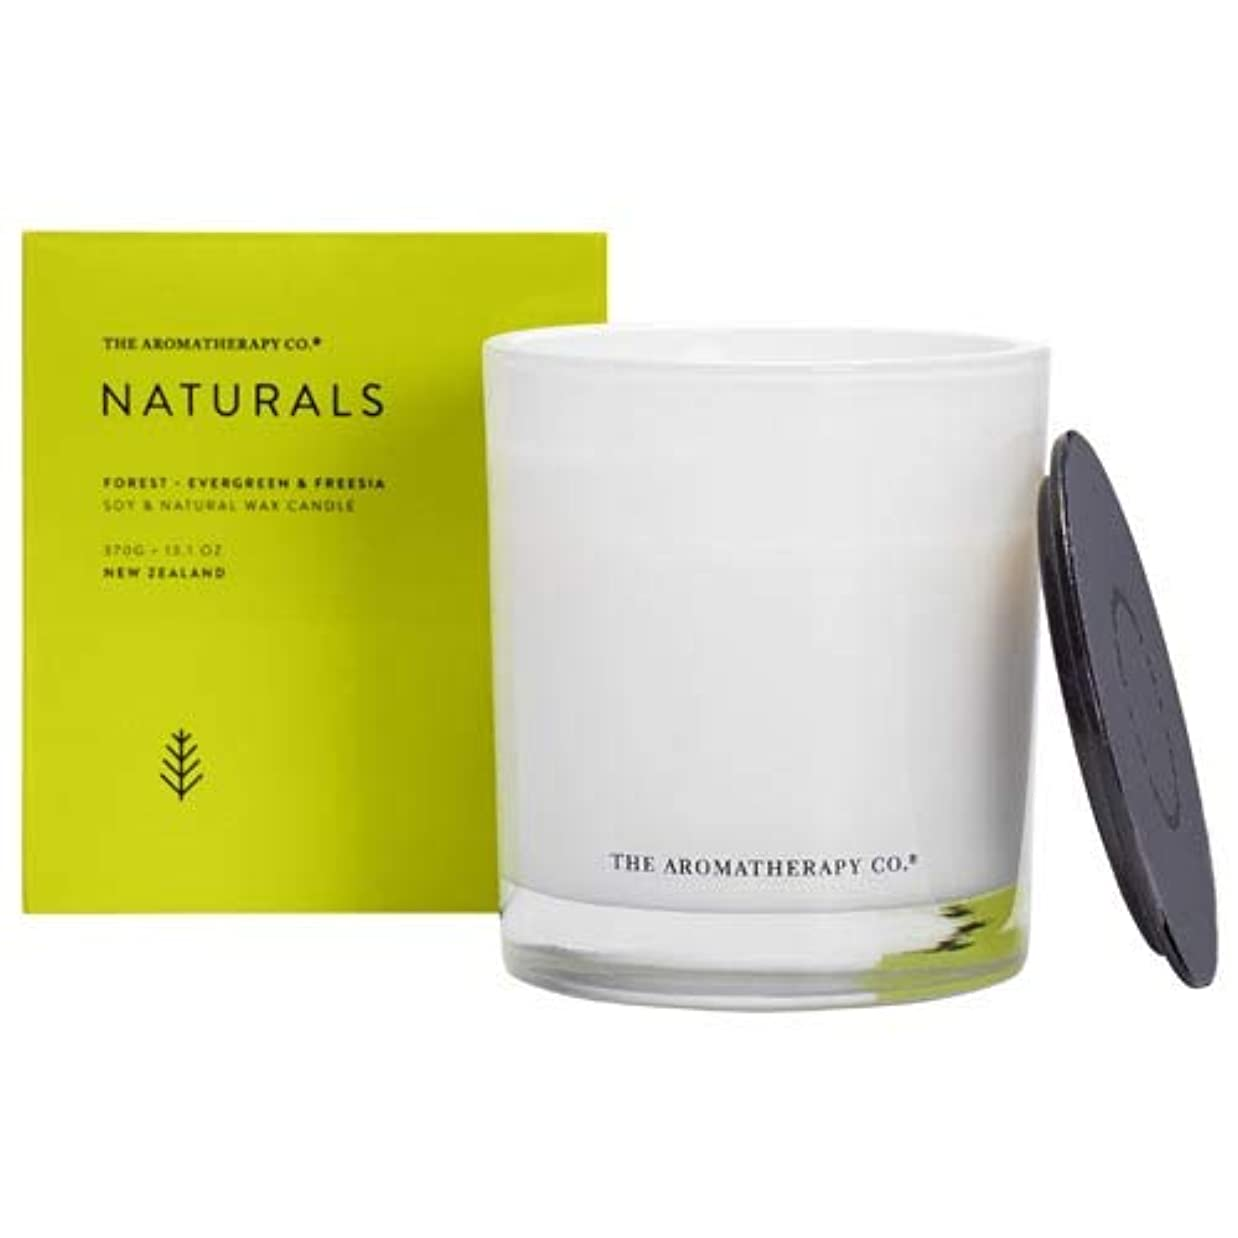 コストツール排泄物アロマセラピーカンパニー(Aromatherapy Company) キャンドル ●サイズ: W108×D105×H125●容量: 370g●burning time(燃焼時間):約70時間(使用環境により異なります)